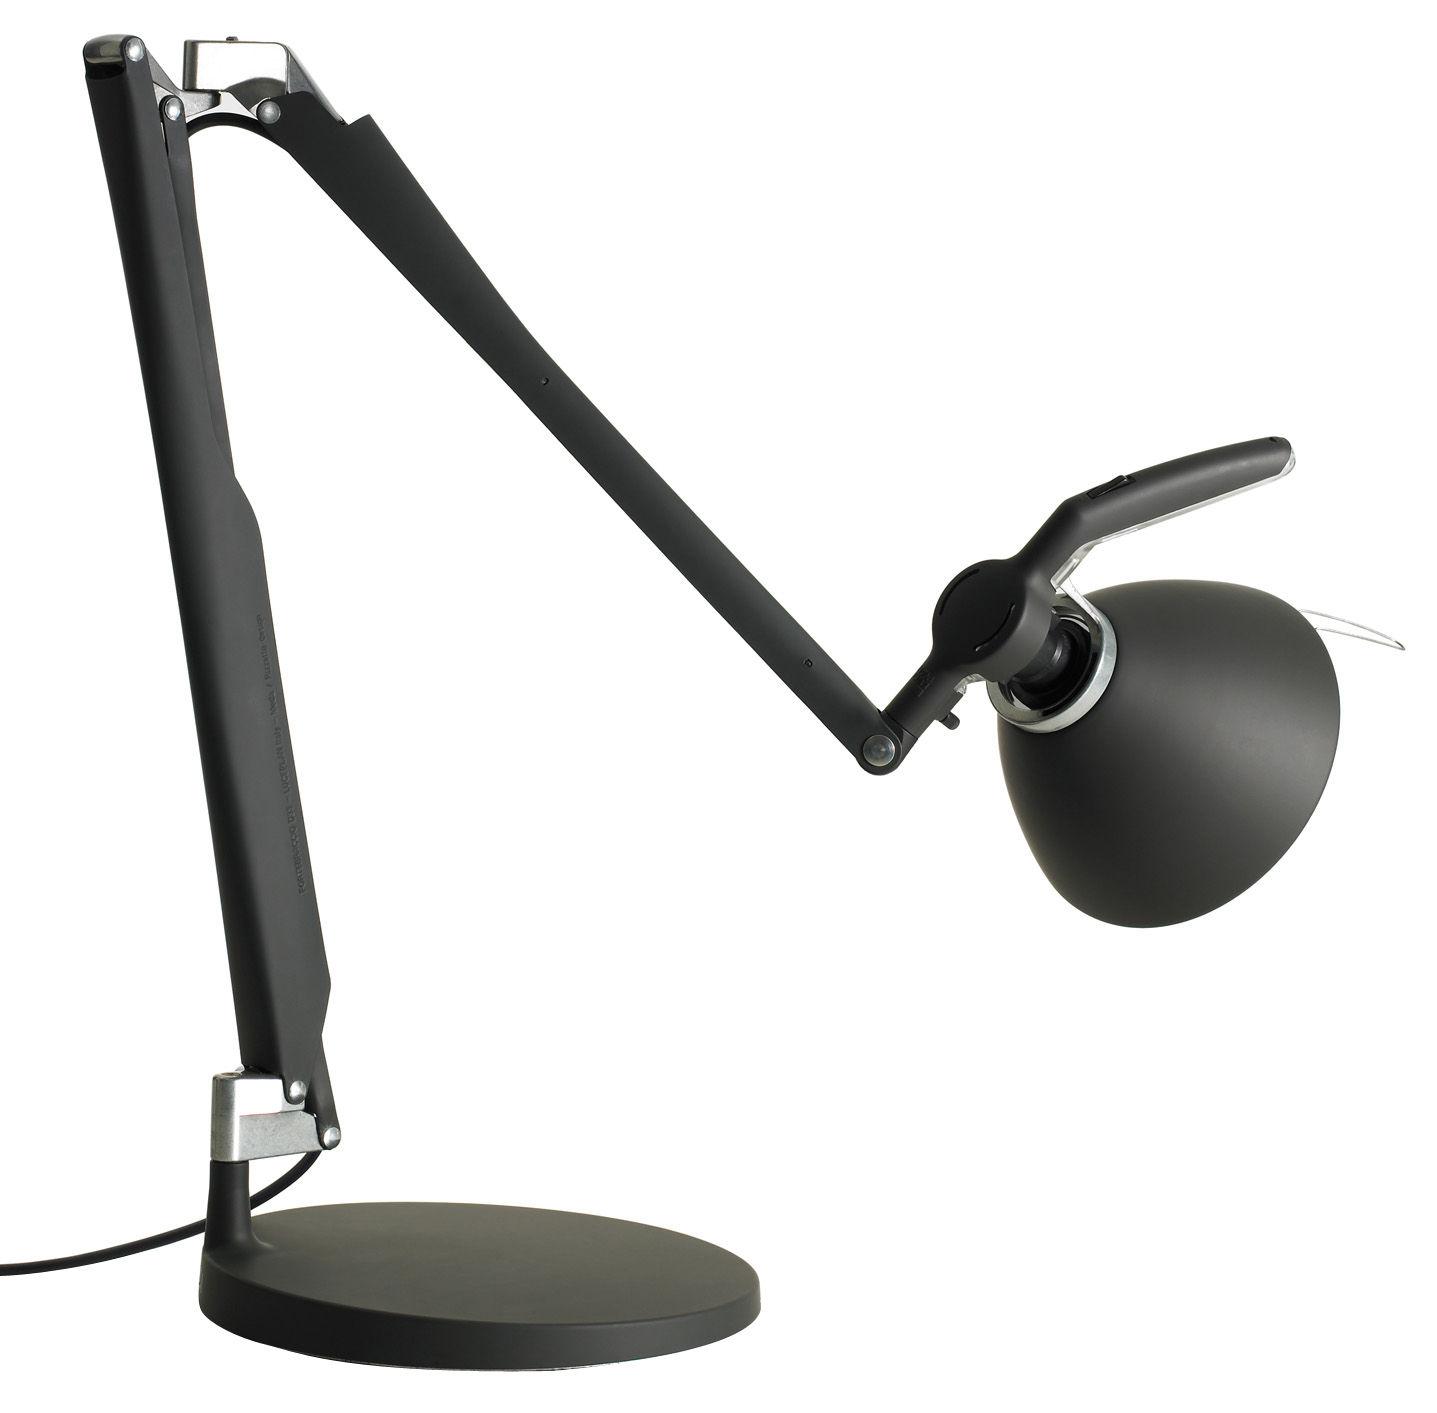 Luminaire - Lampes de table - Lampe de table Fortebraccio interrupteur - Luceplan - Noir - Acier verni